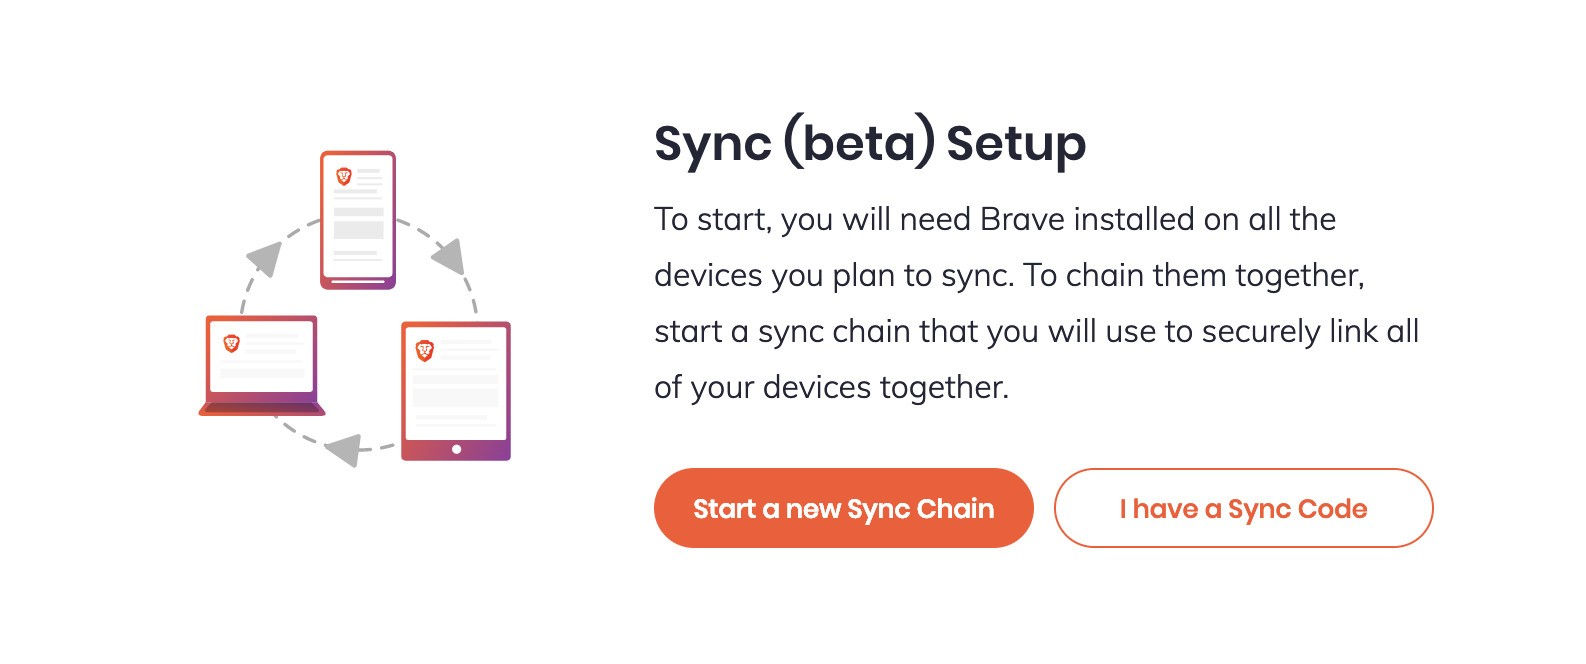 Μπορείτε να συγχρονίσετε τα δεδομένα του Brave στις συσκευές σας